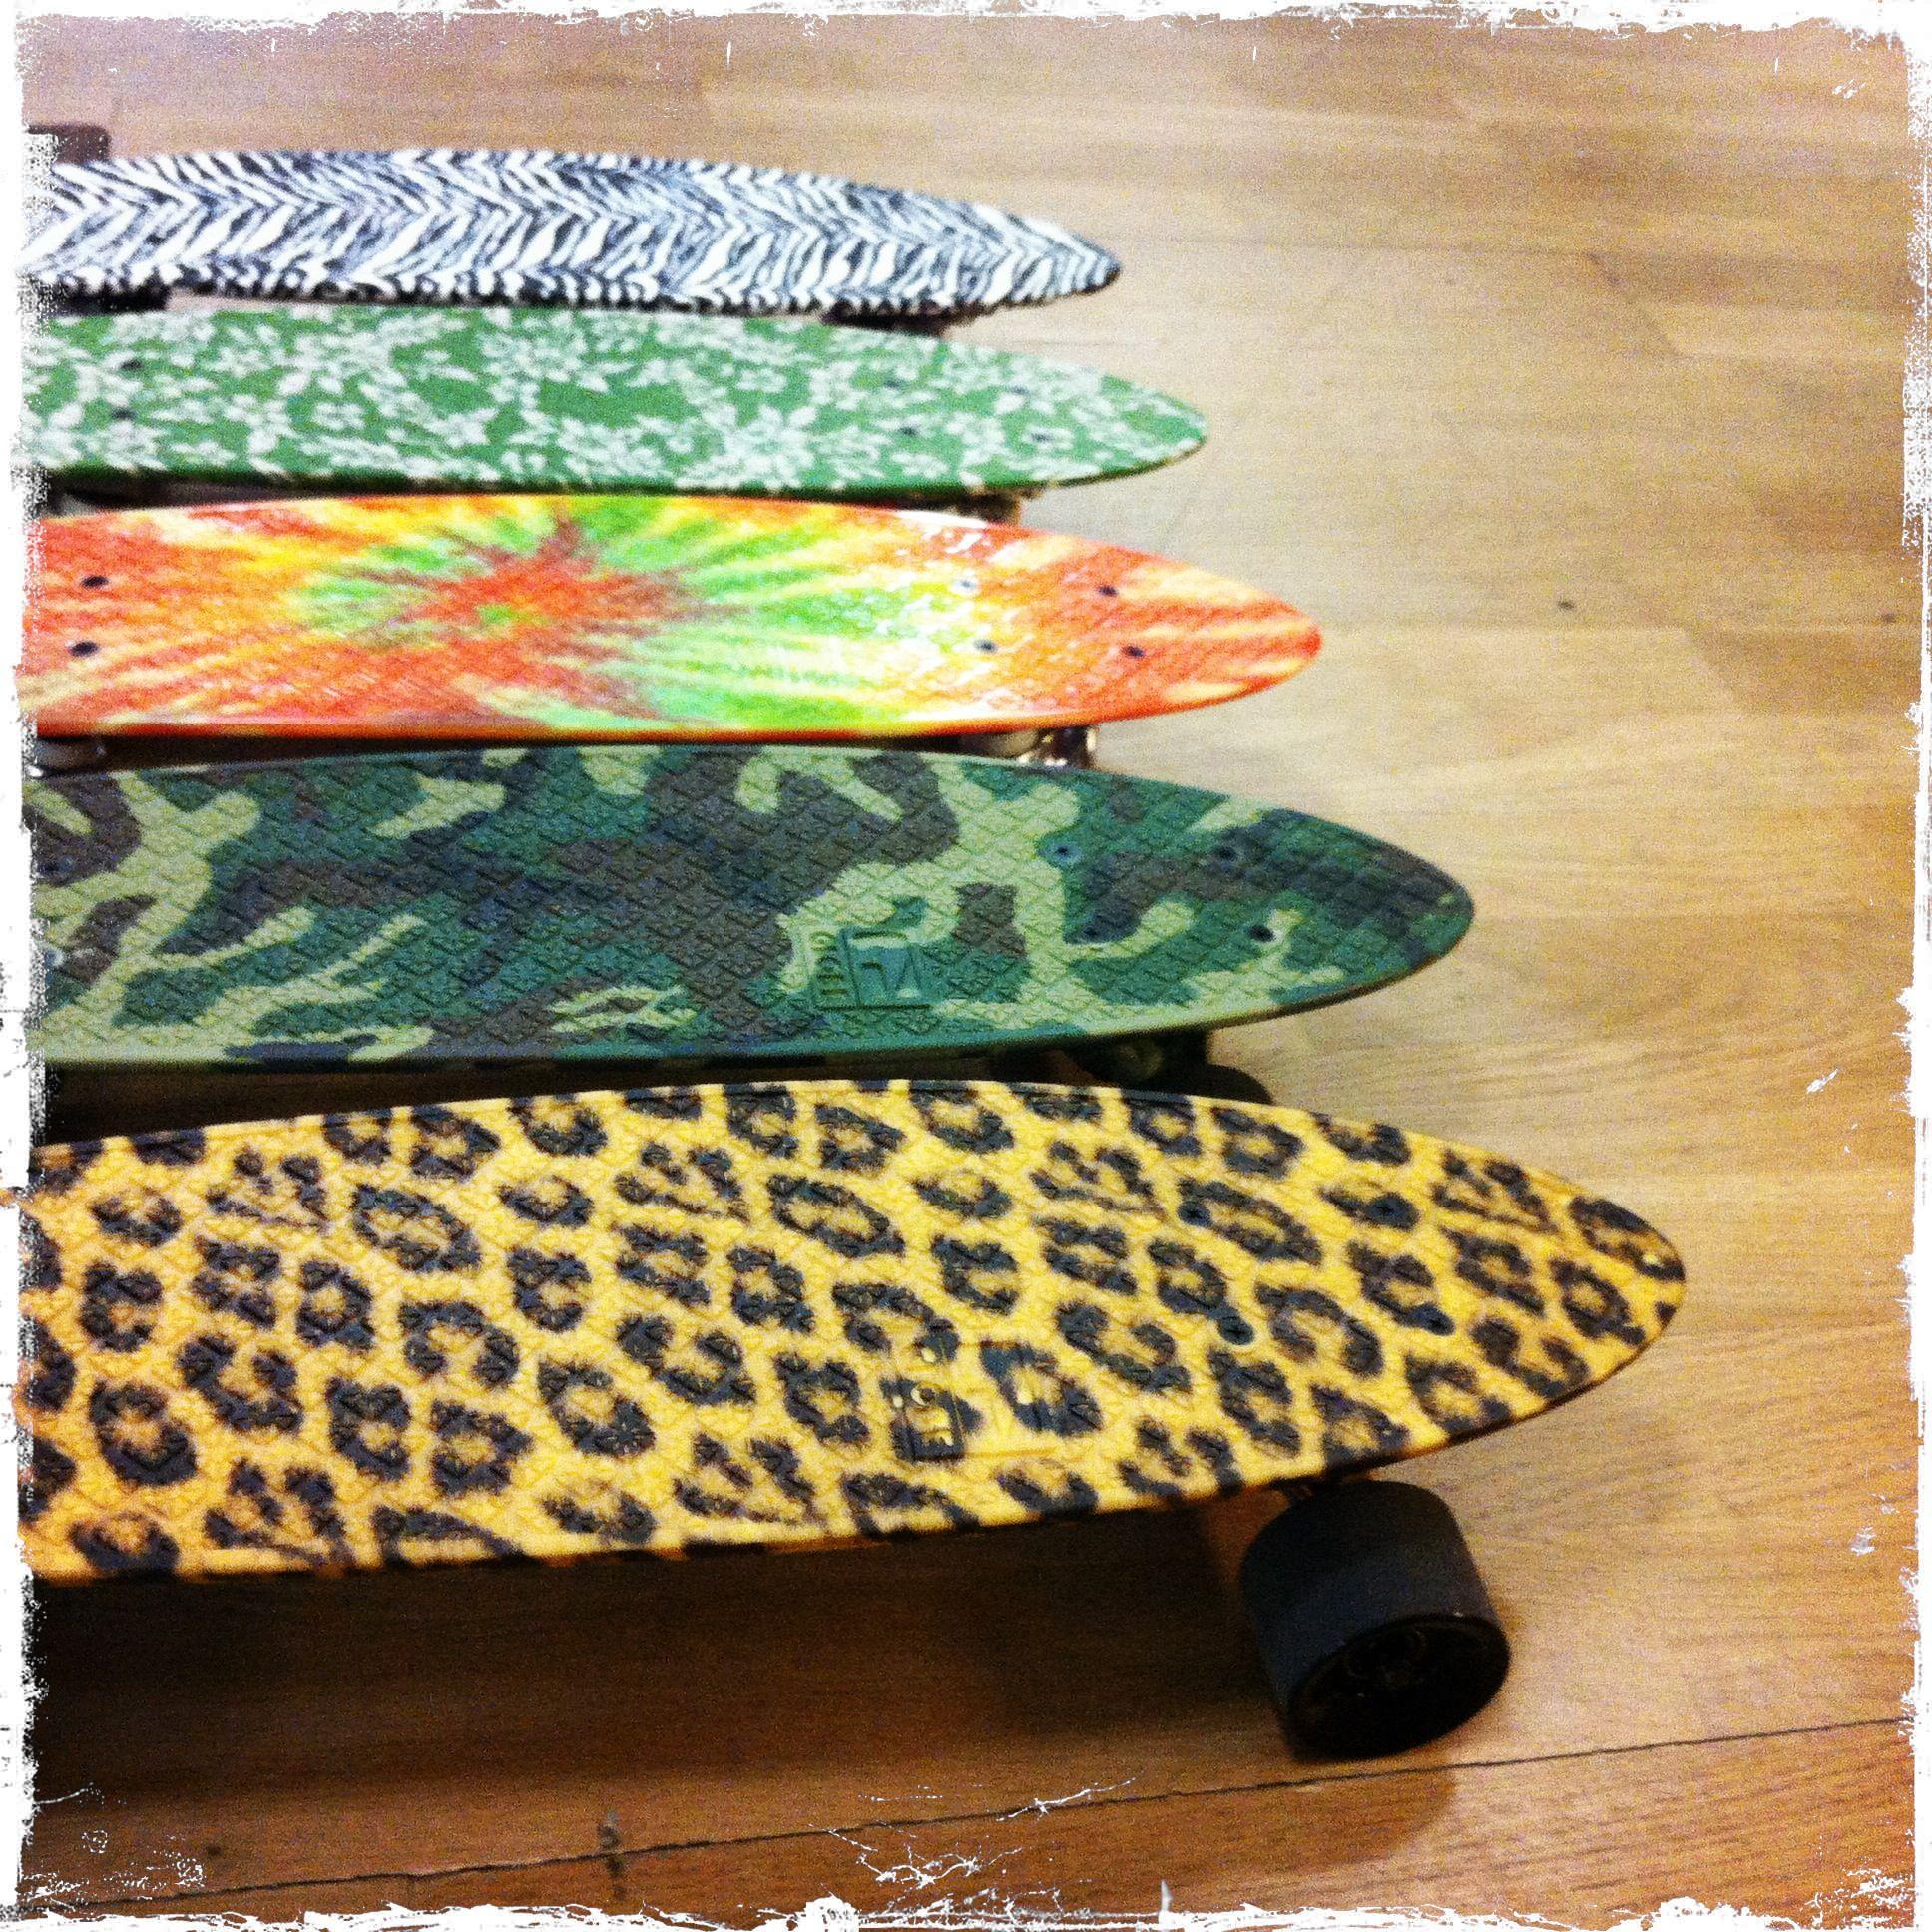 Globe Bantam! #Globe #bantam #camo #léopard #skate #cruiser ##graficbantam #stoemp #stmp #streetwear